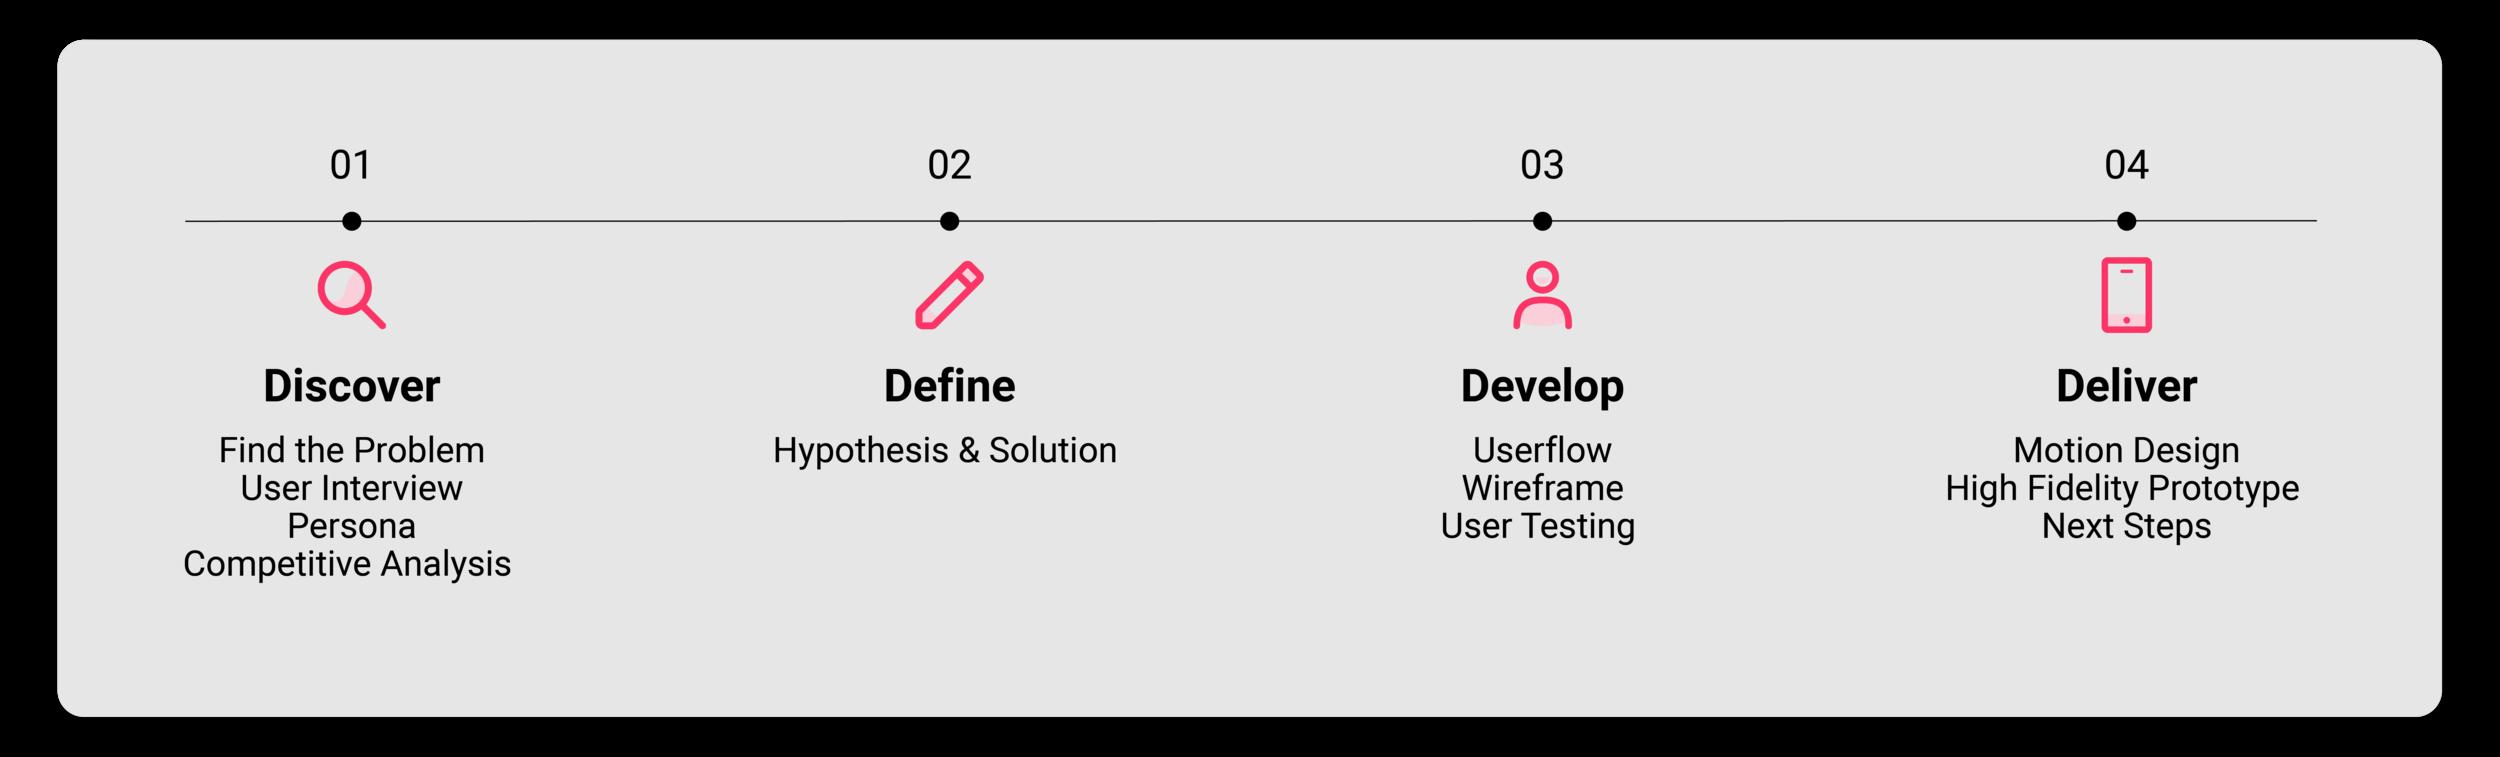 design progress-01.png